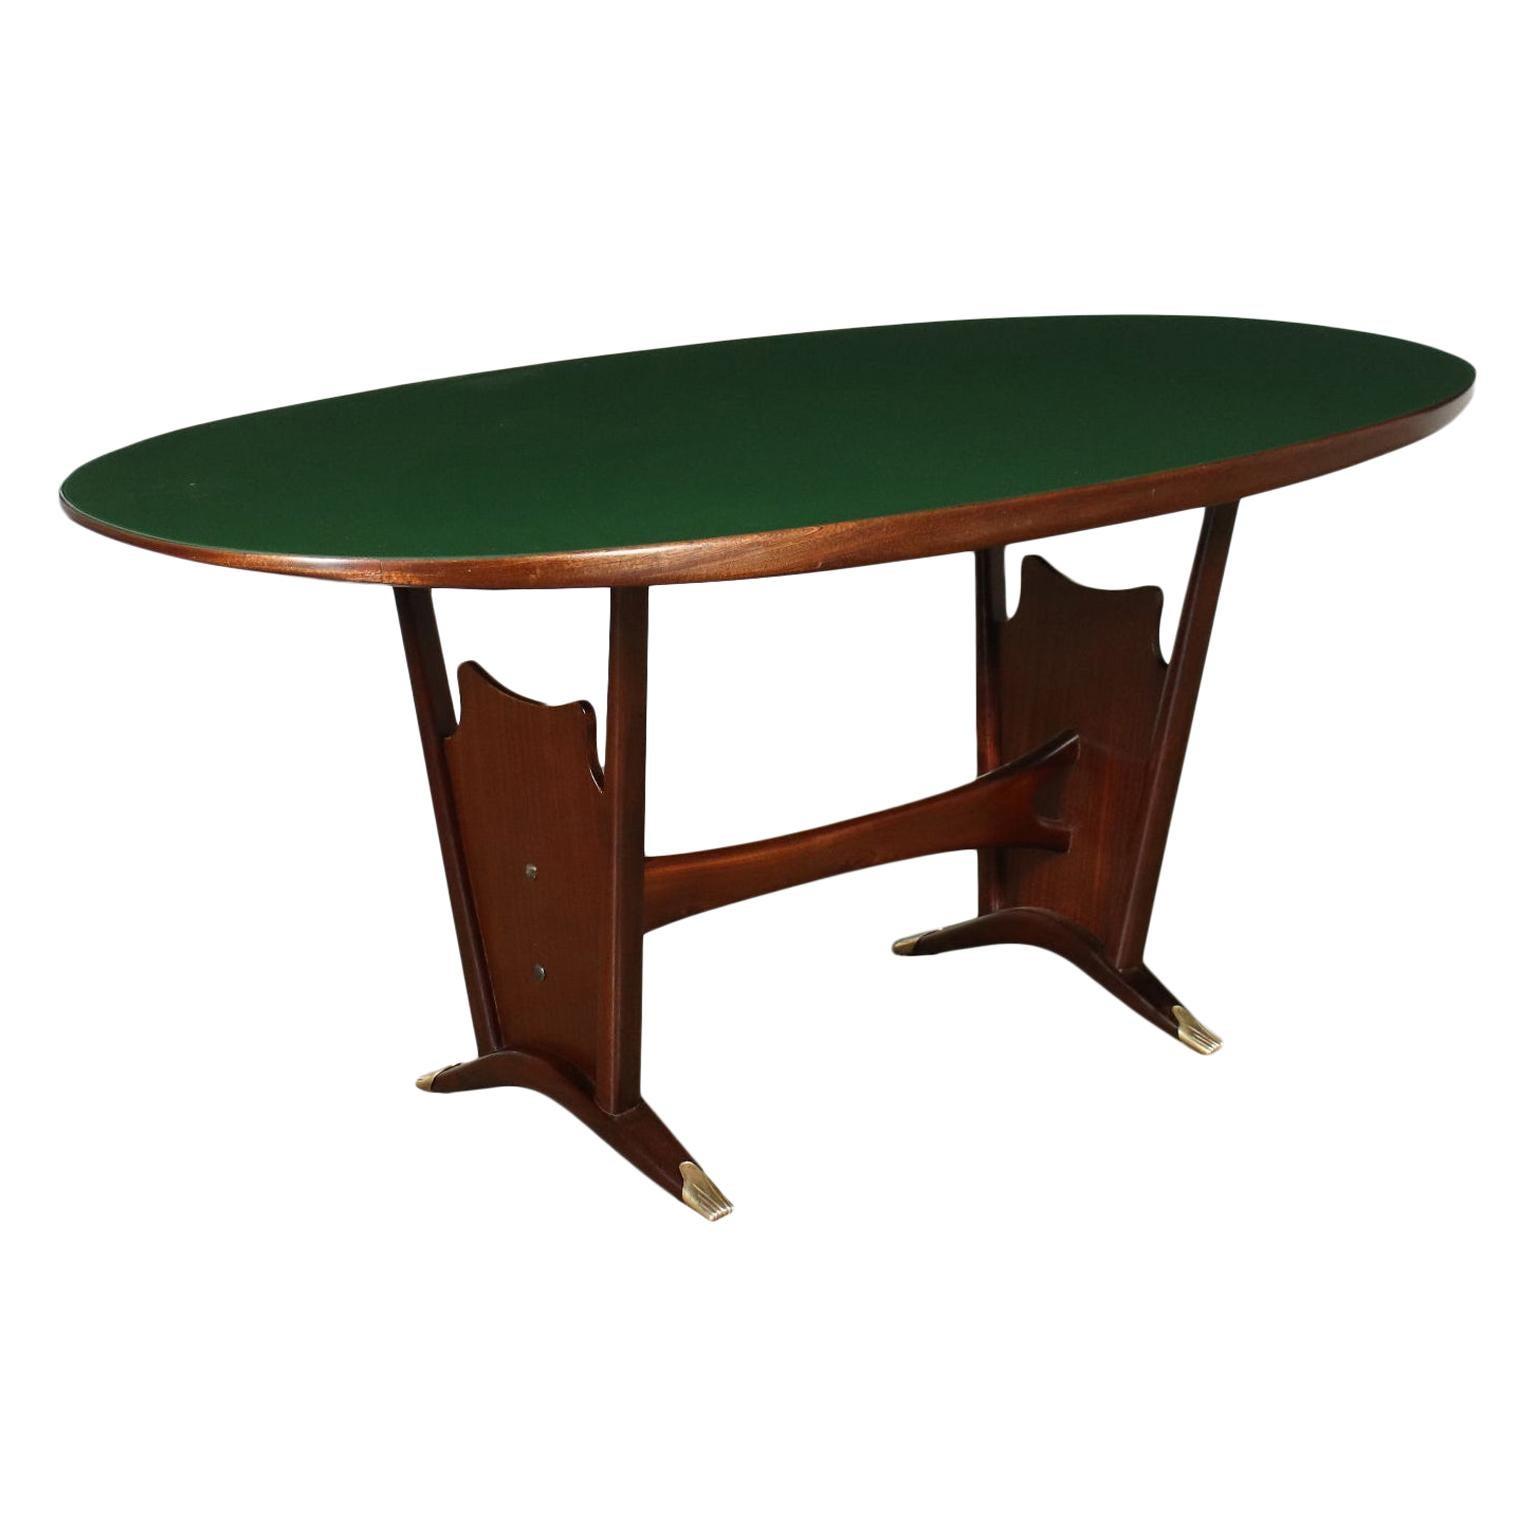 Table Mahogany Wood Back-Treated Glass, Italy, 1950s 1960s